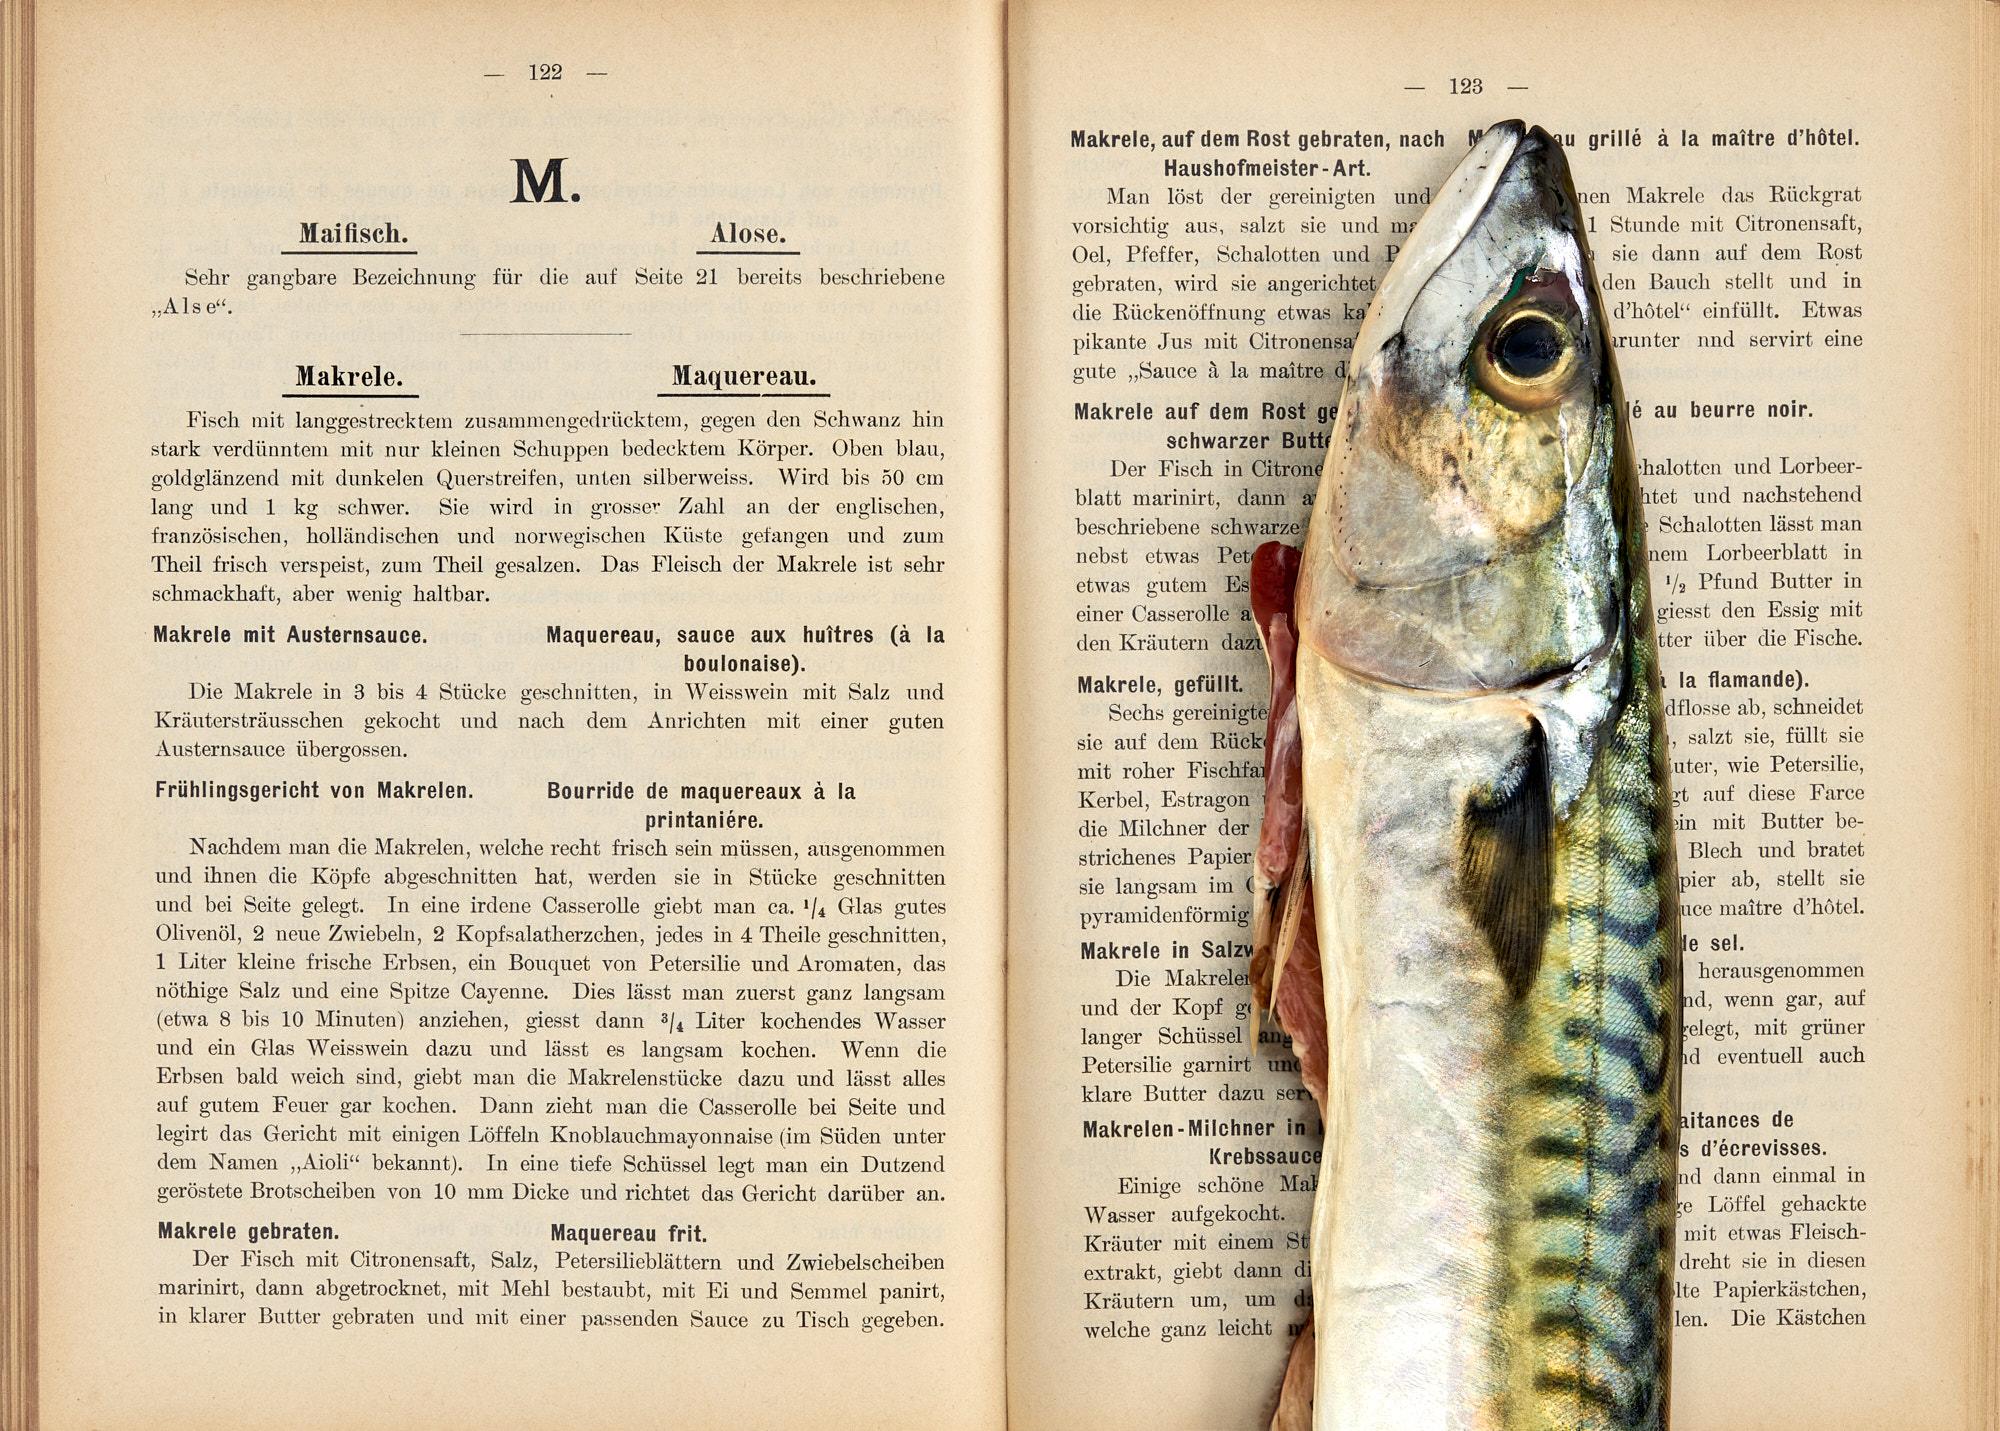 """culinary timepieces by Annette Sandner: Makrele. Gastronomisches Lexikon der Fische, Krebse und Muscheln von Mitarbeitern der """"Zeitung der Köche"""". 1900."""